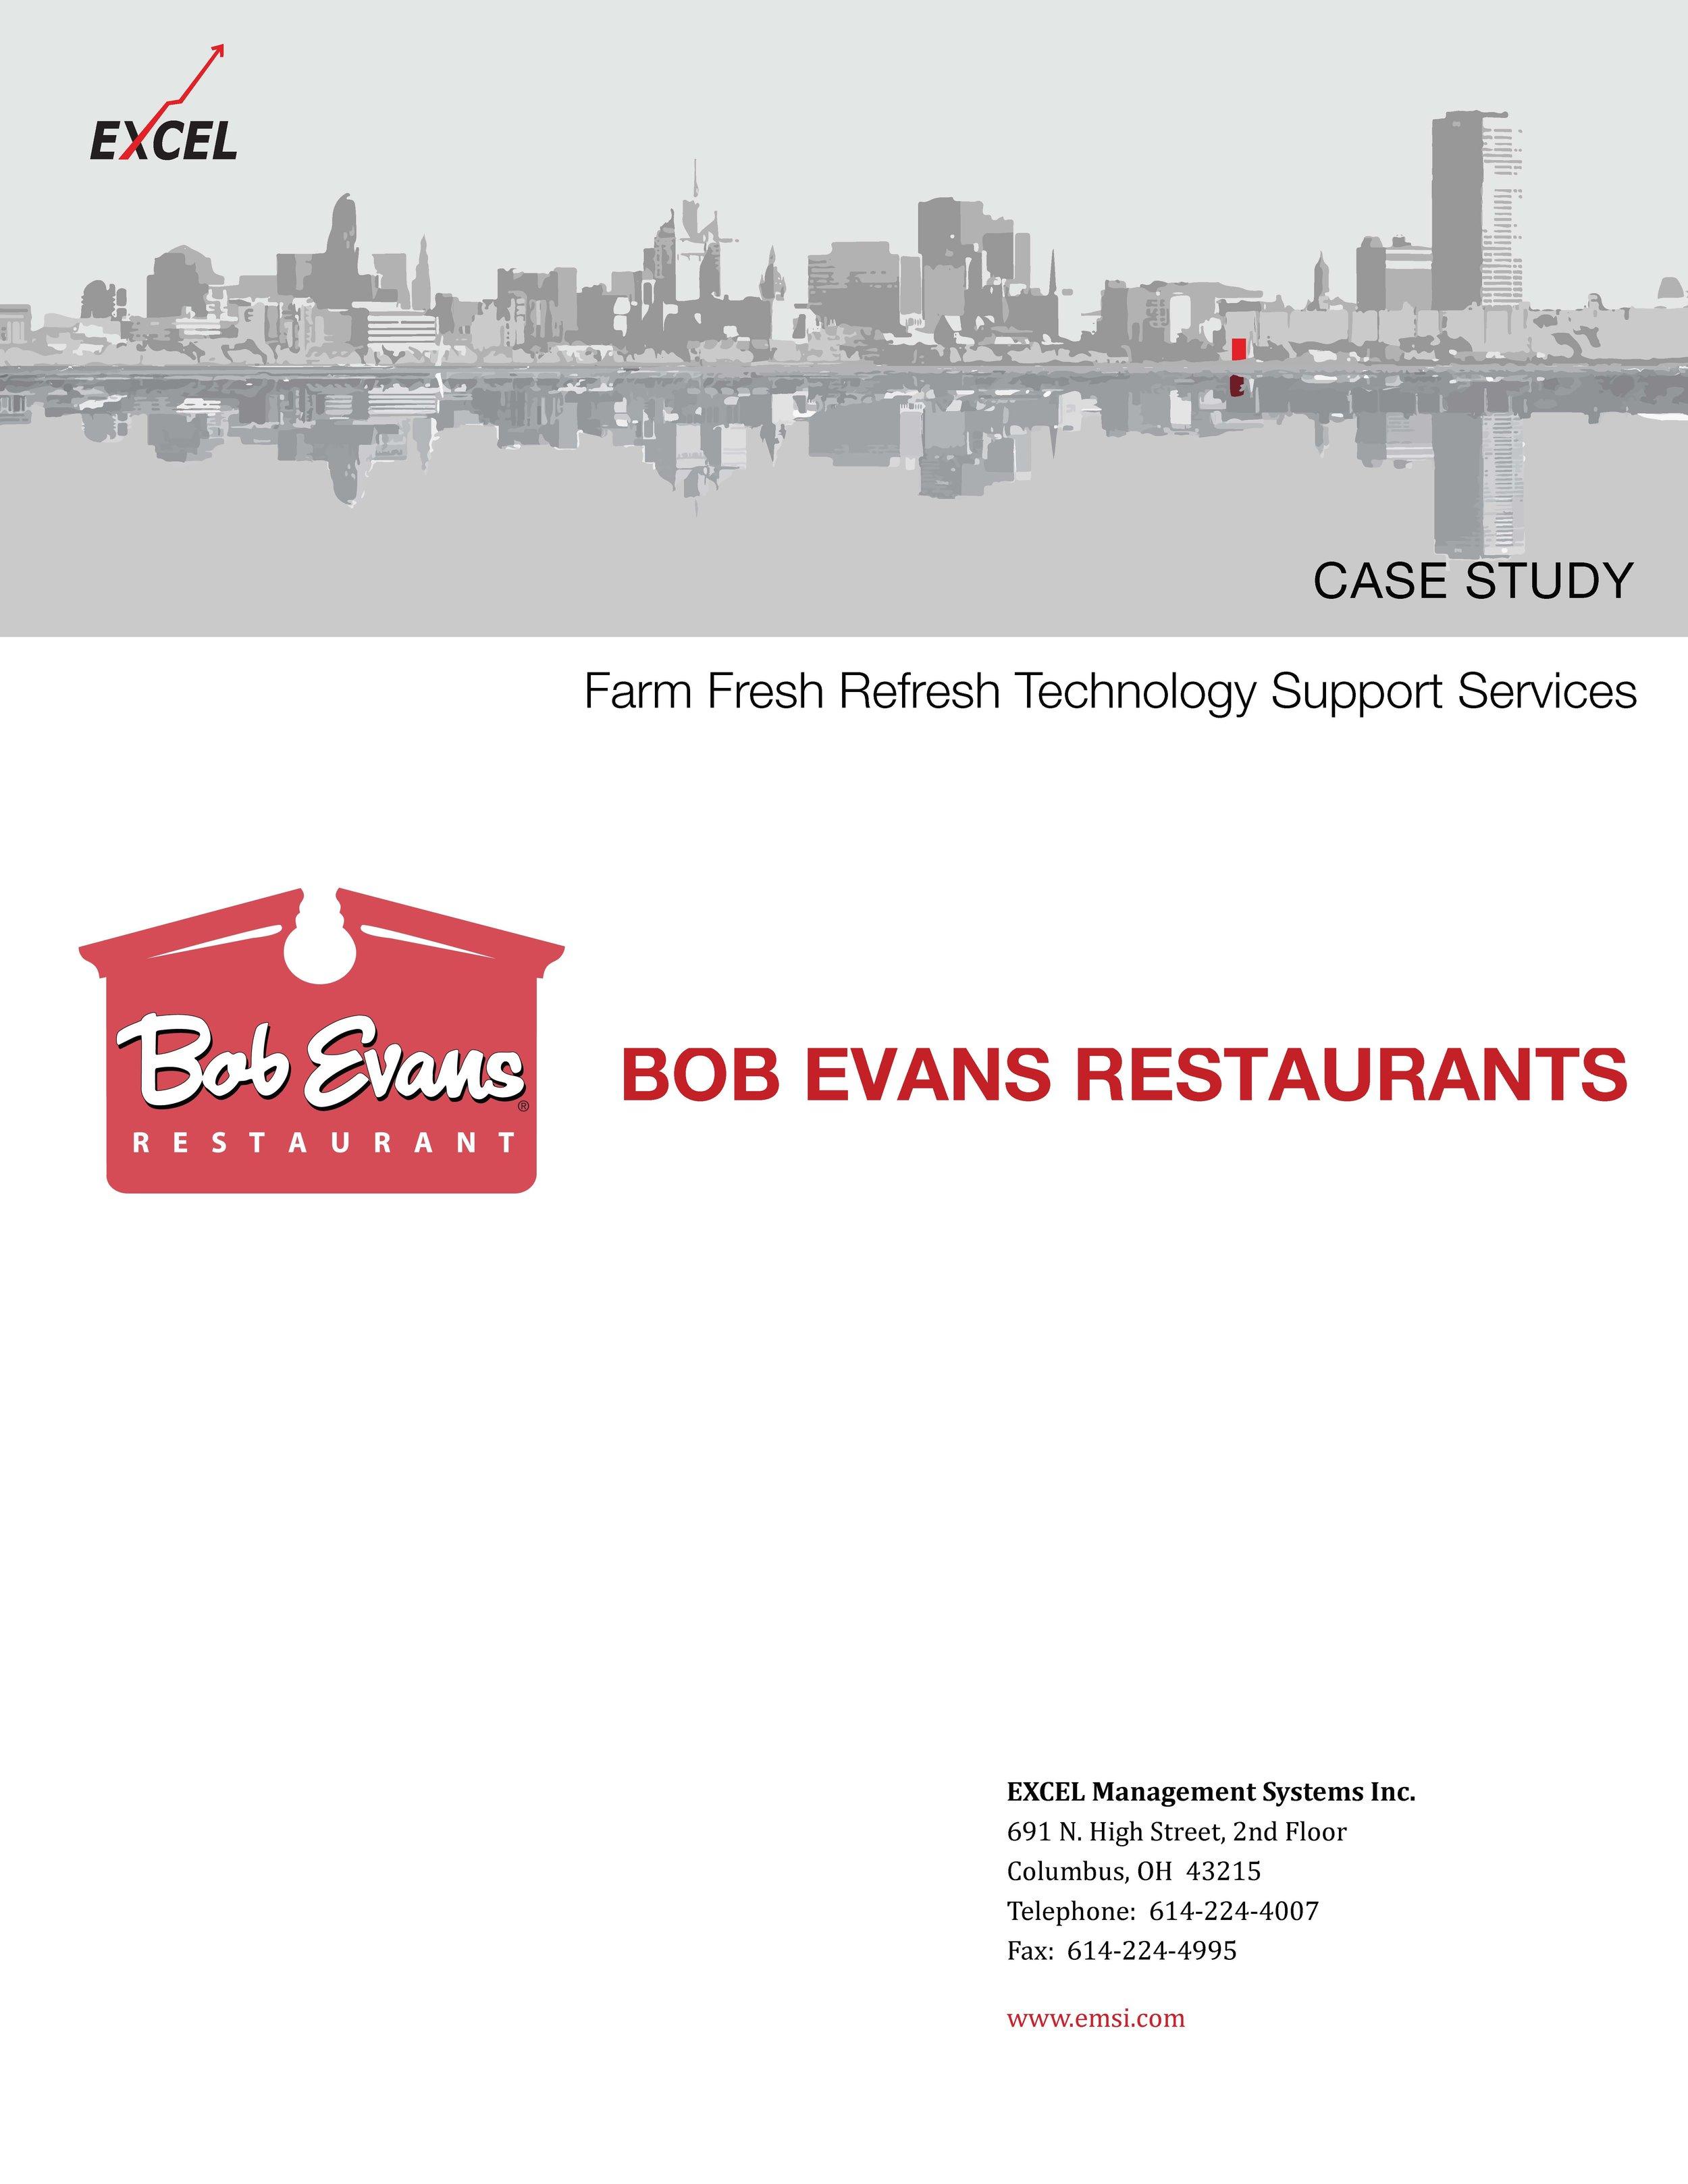 Case Study - Bob Evans v4_Page_1.jpg